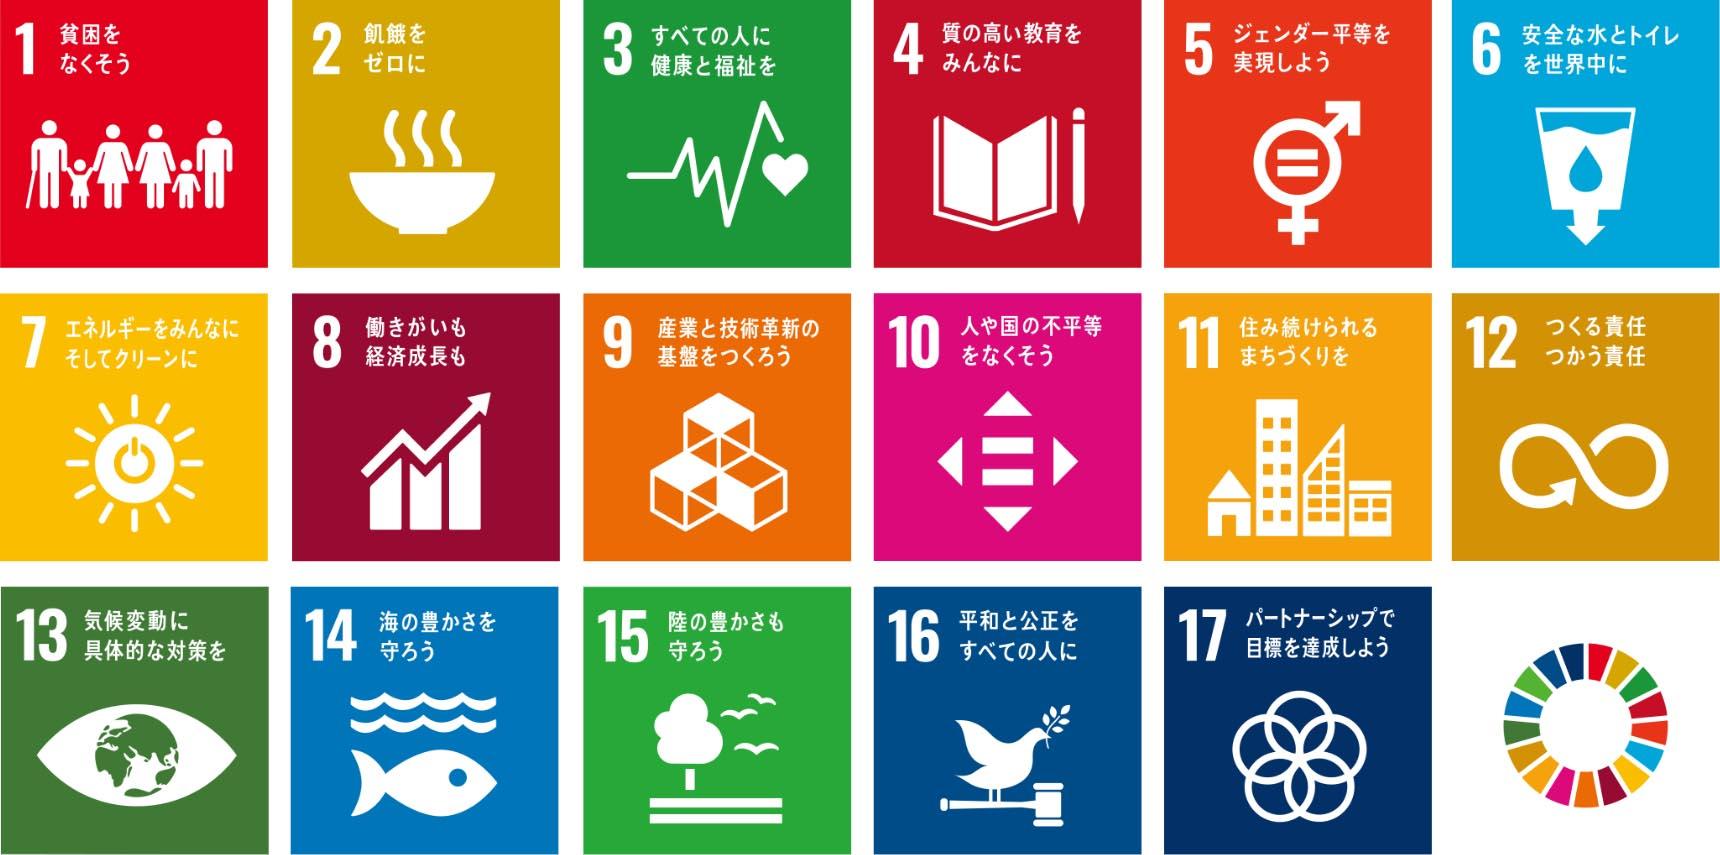 1 貧困をなくそう、2 飢餓をゼロに、3 すべての人に健康と福祉を、4 質の高い教育をみんなに、5 ジェンダー平等を実現しよう、6 安全な水とトイレを世界中に、7 エネルギーをみんなにそしてクリーンに、8 働きがいも経済成長も、9 産業と技術革新の基盤をつくろう、10 人や国の不平等をなくそう、11 住み続けられるまちづくりを、12 つくる責任つかう責任、13 気候変動に具体的な対策を、14 海の豊かさを守ろう、15 陸の豊かさを守ろう、16 平和と公正をすべての人に、17 パートナーシップで目標を達成しよう